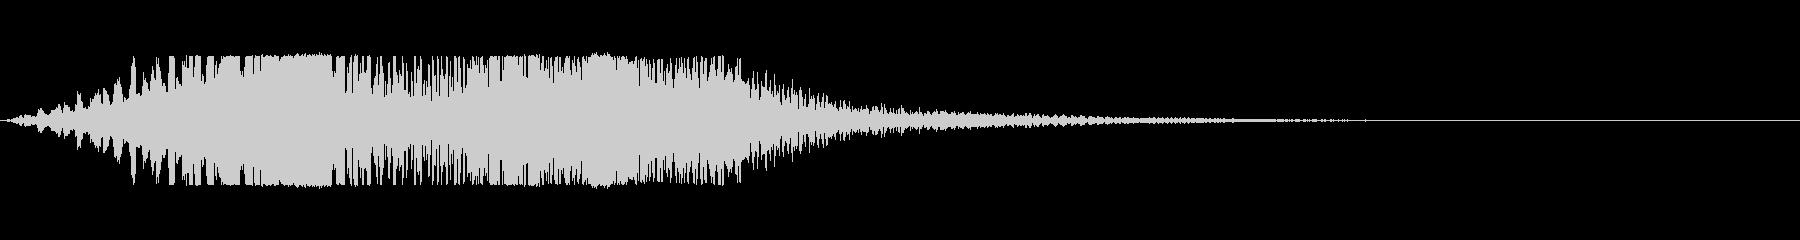 「ブーウン」という低音のシリアスな電子音の未再生の波形